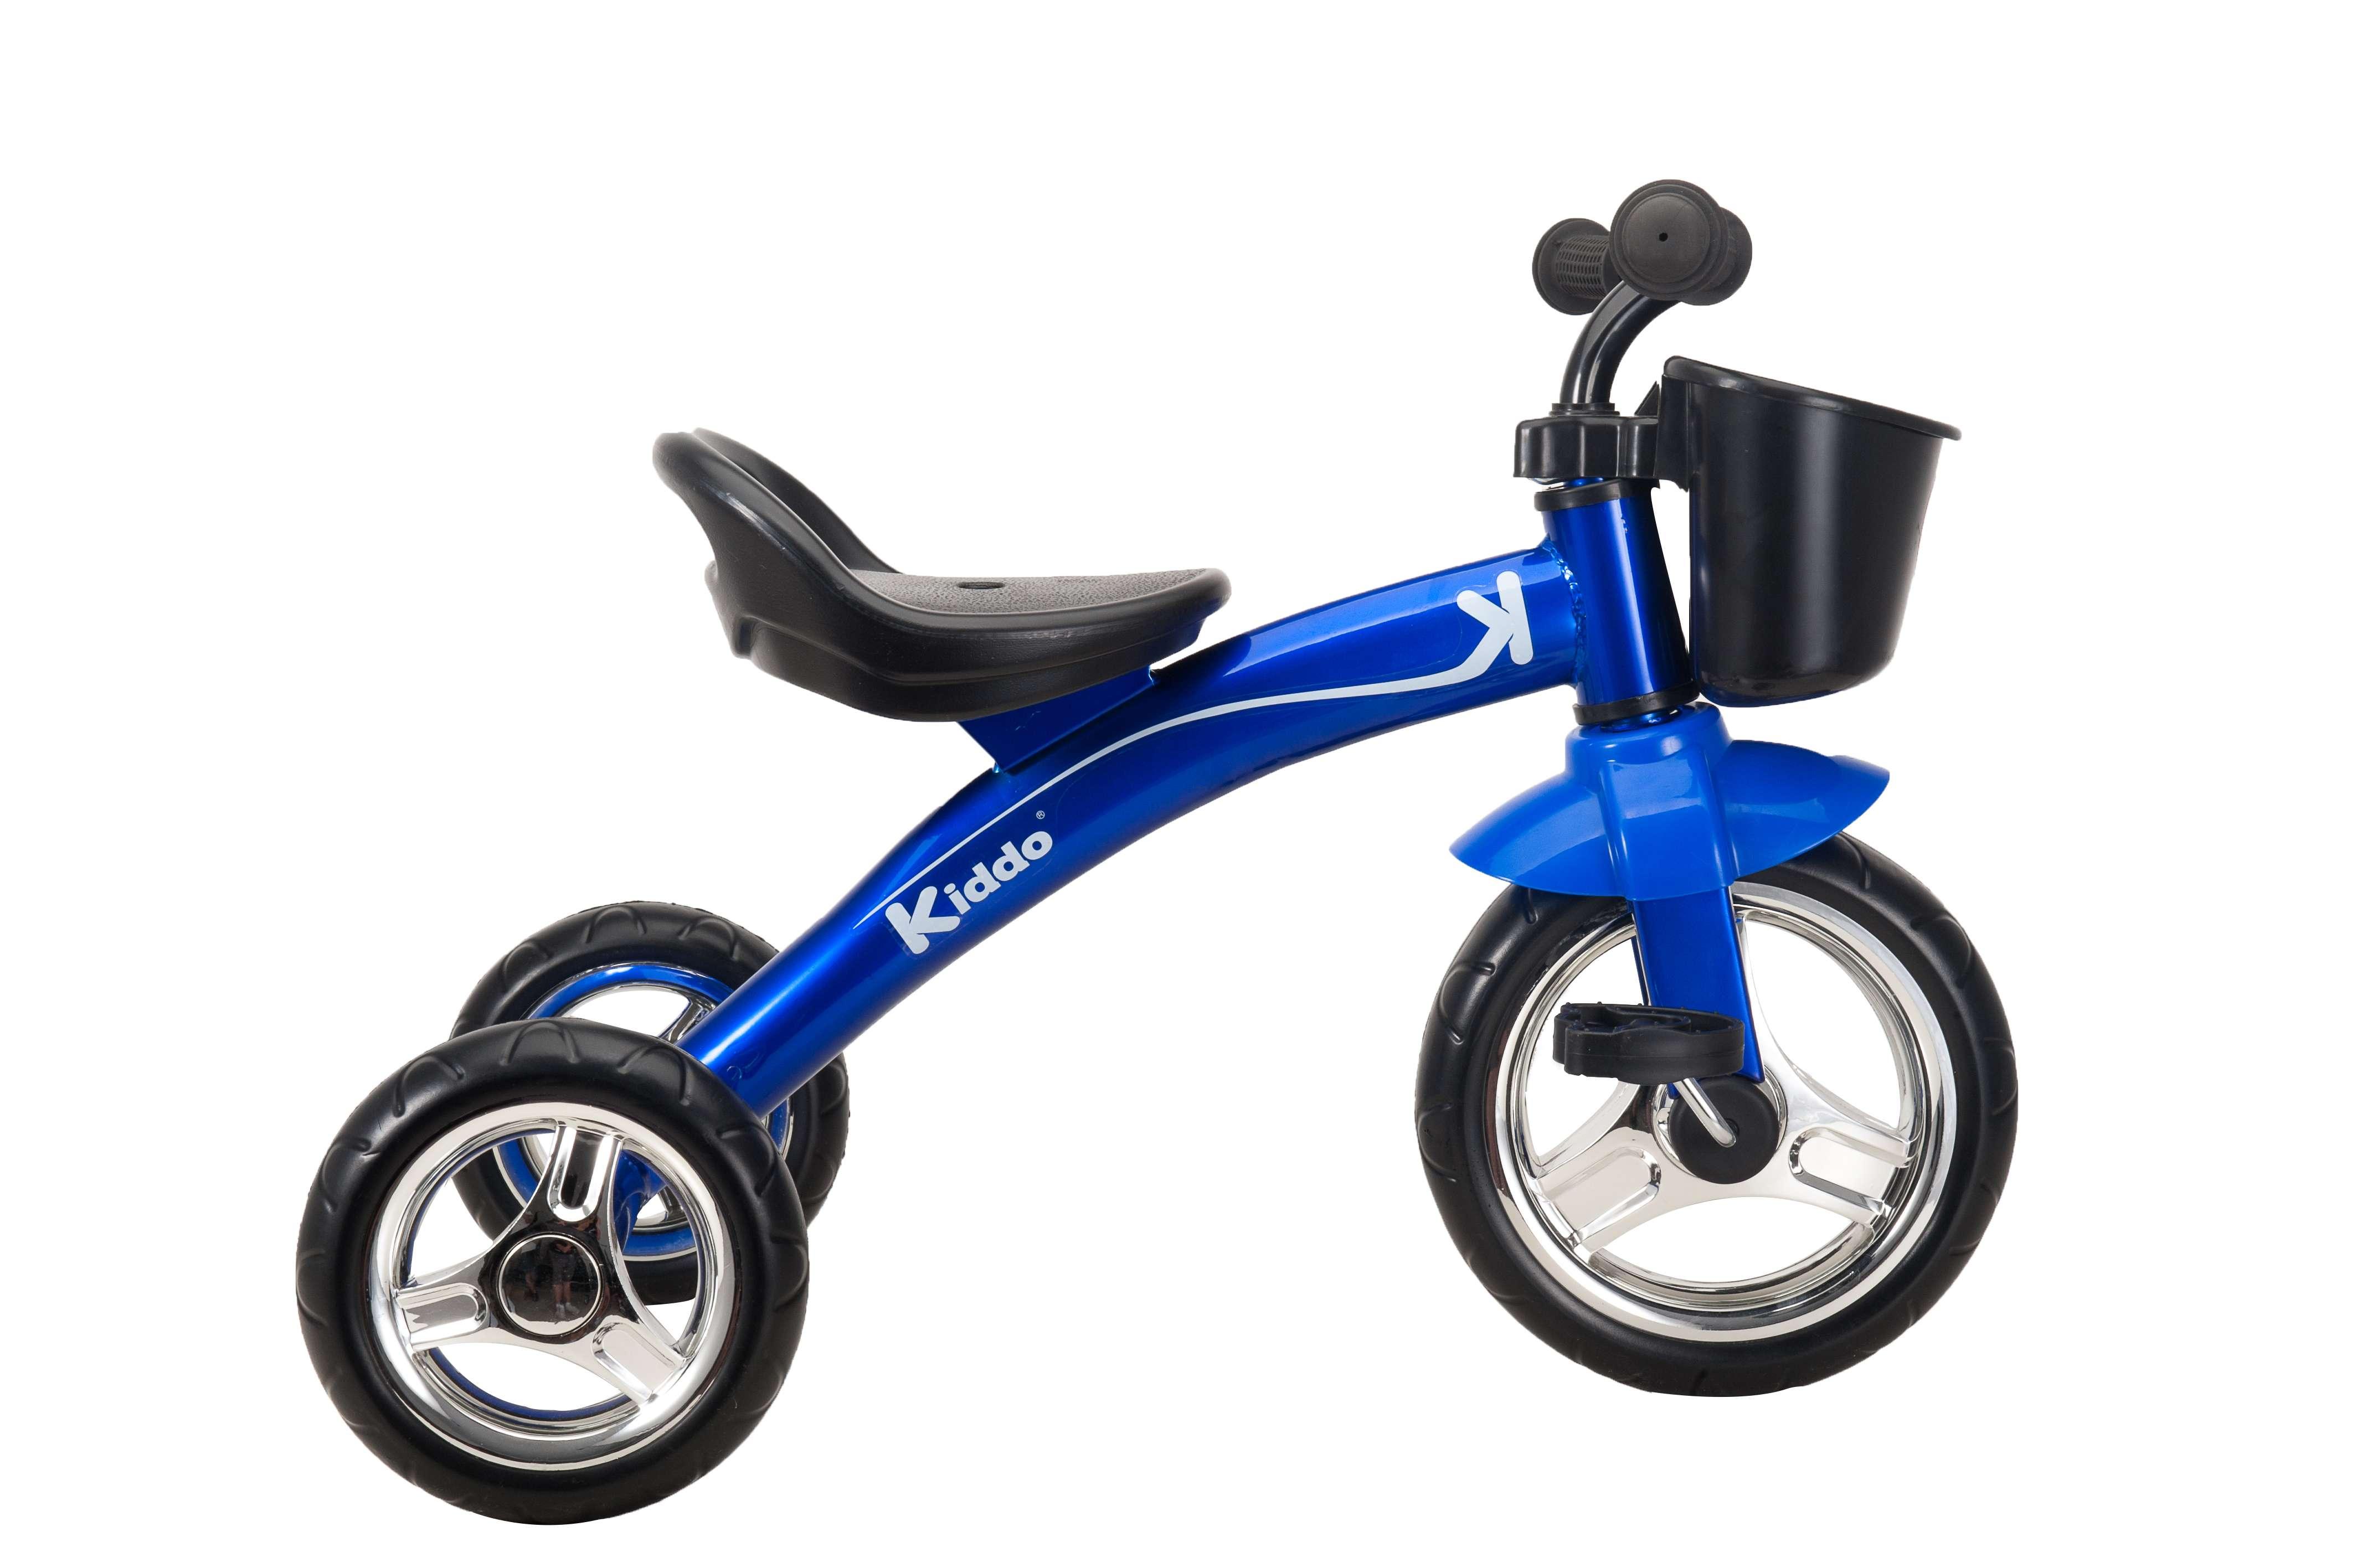 Kiddo Blue 3 Wheel Smart Design Kids Child Children Trike